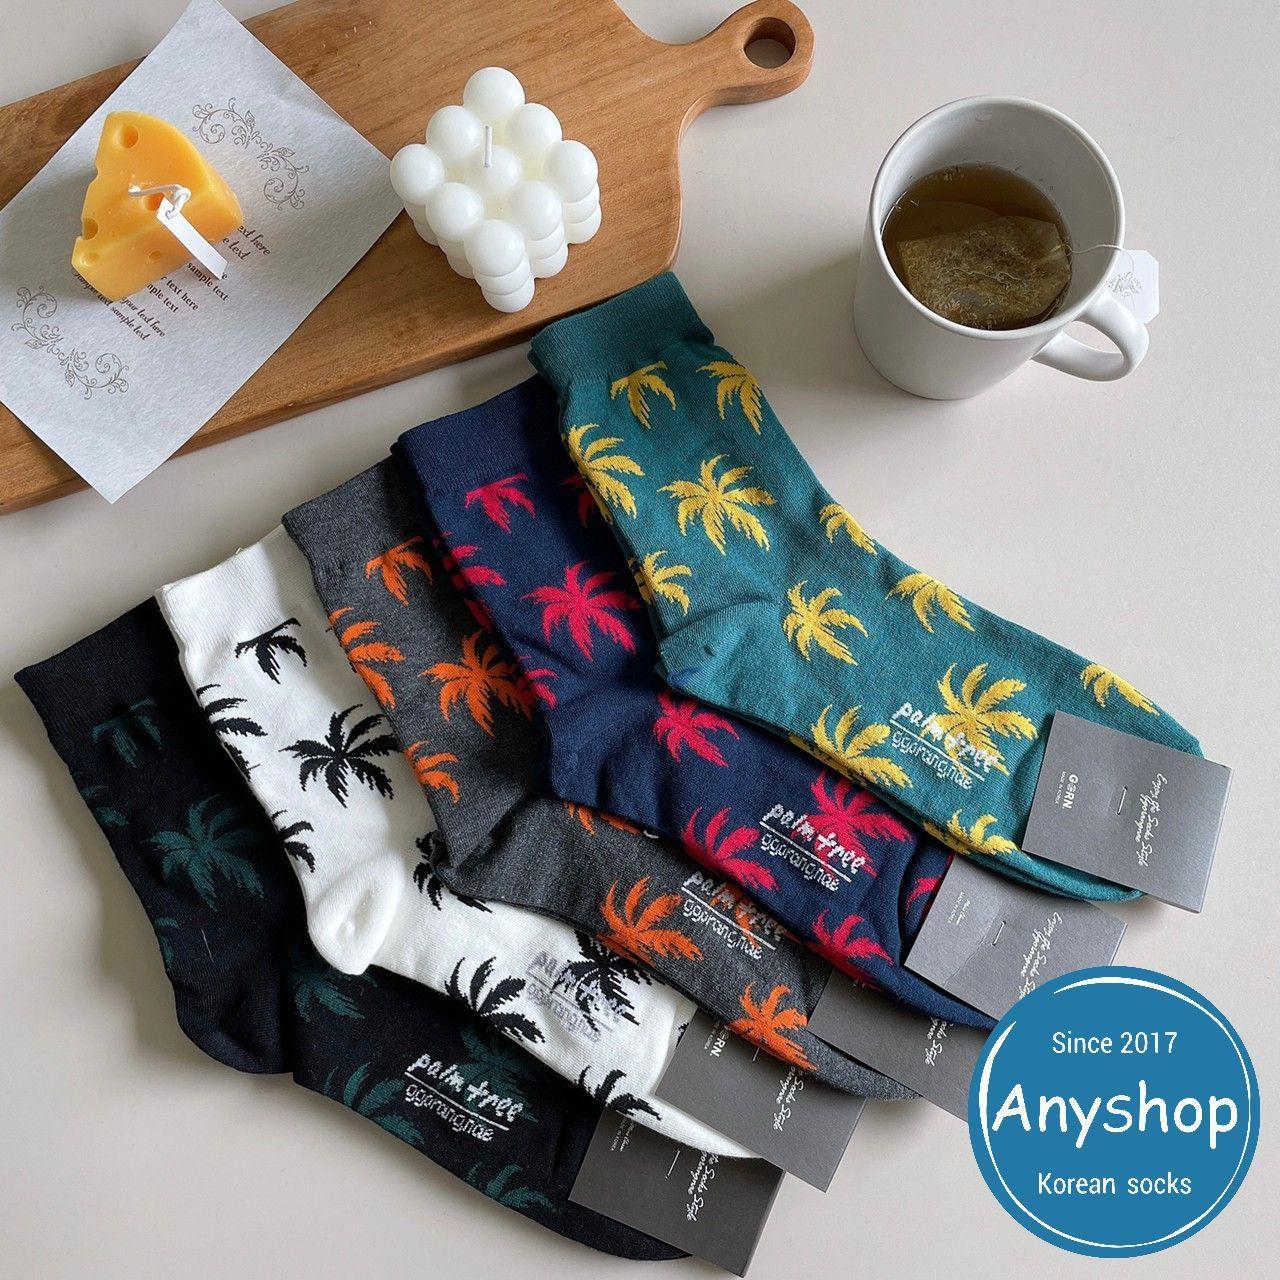 韓國襪-[Anyshop]椰子樹樹葉男襪